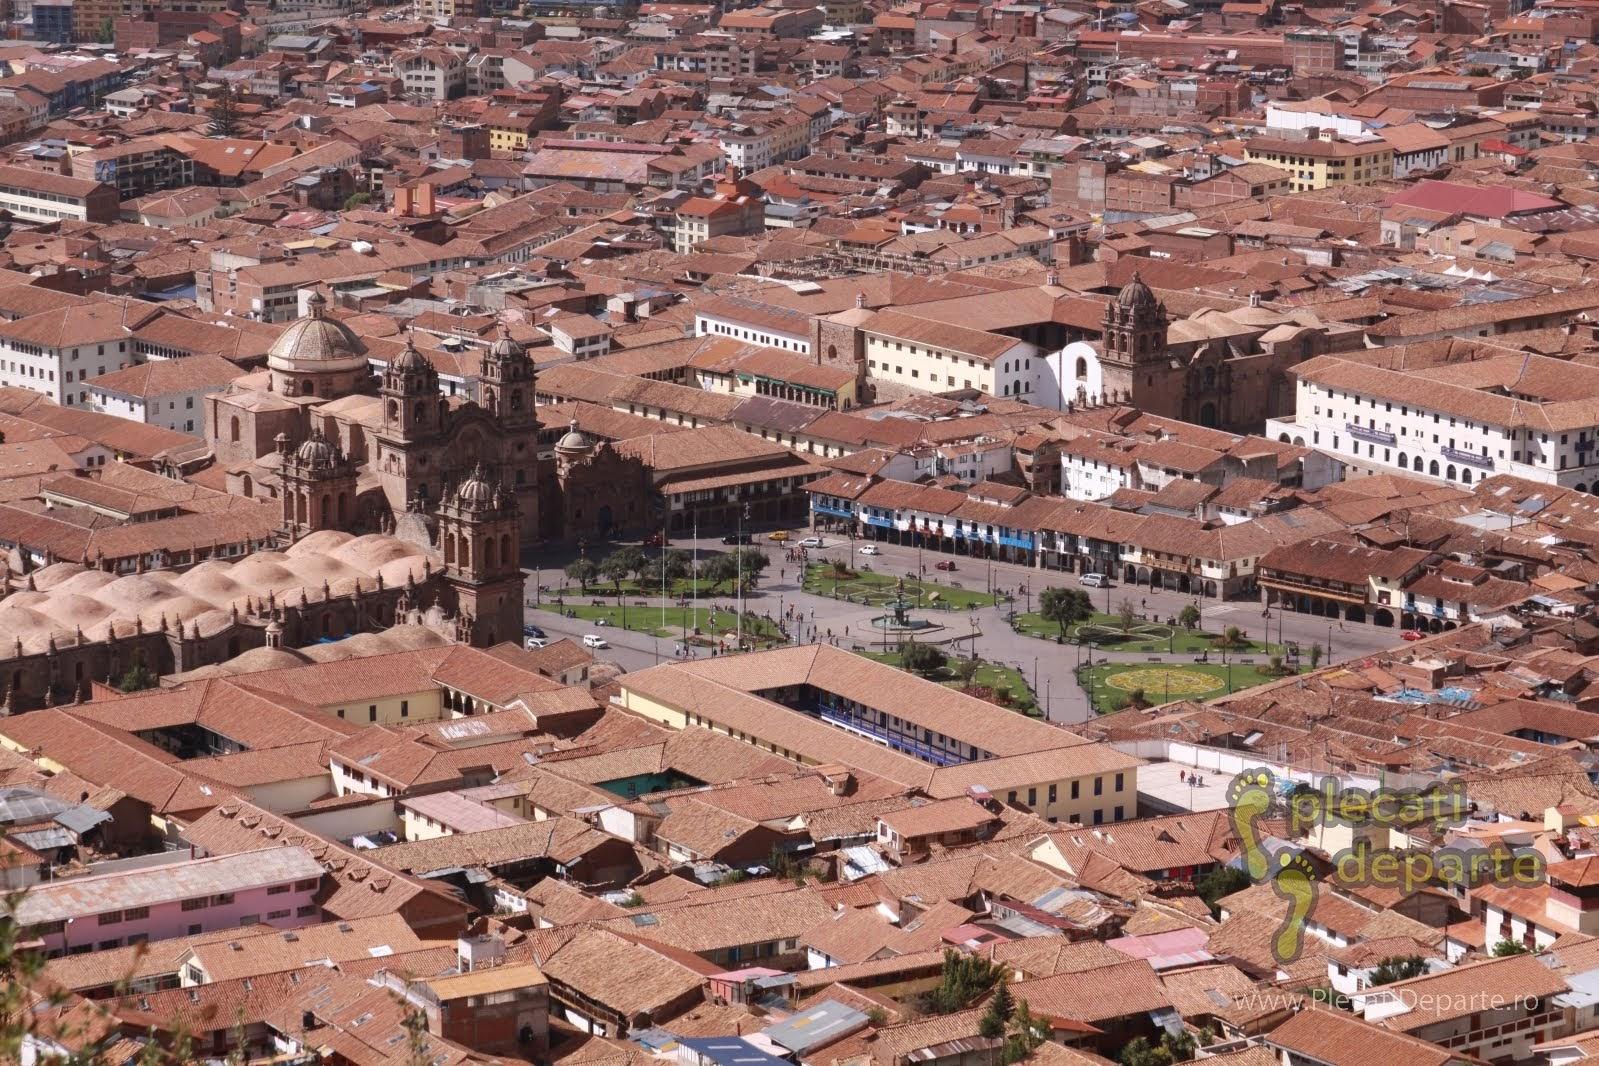 Cusco, capitala Regatului Quechua si a Imperiului Incas